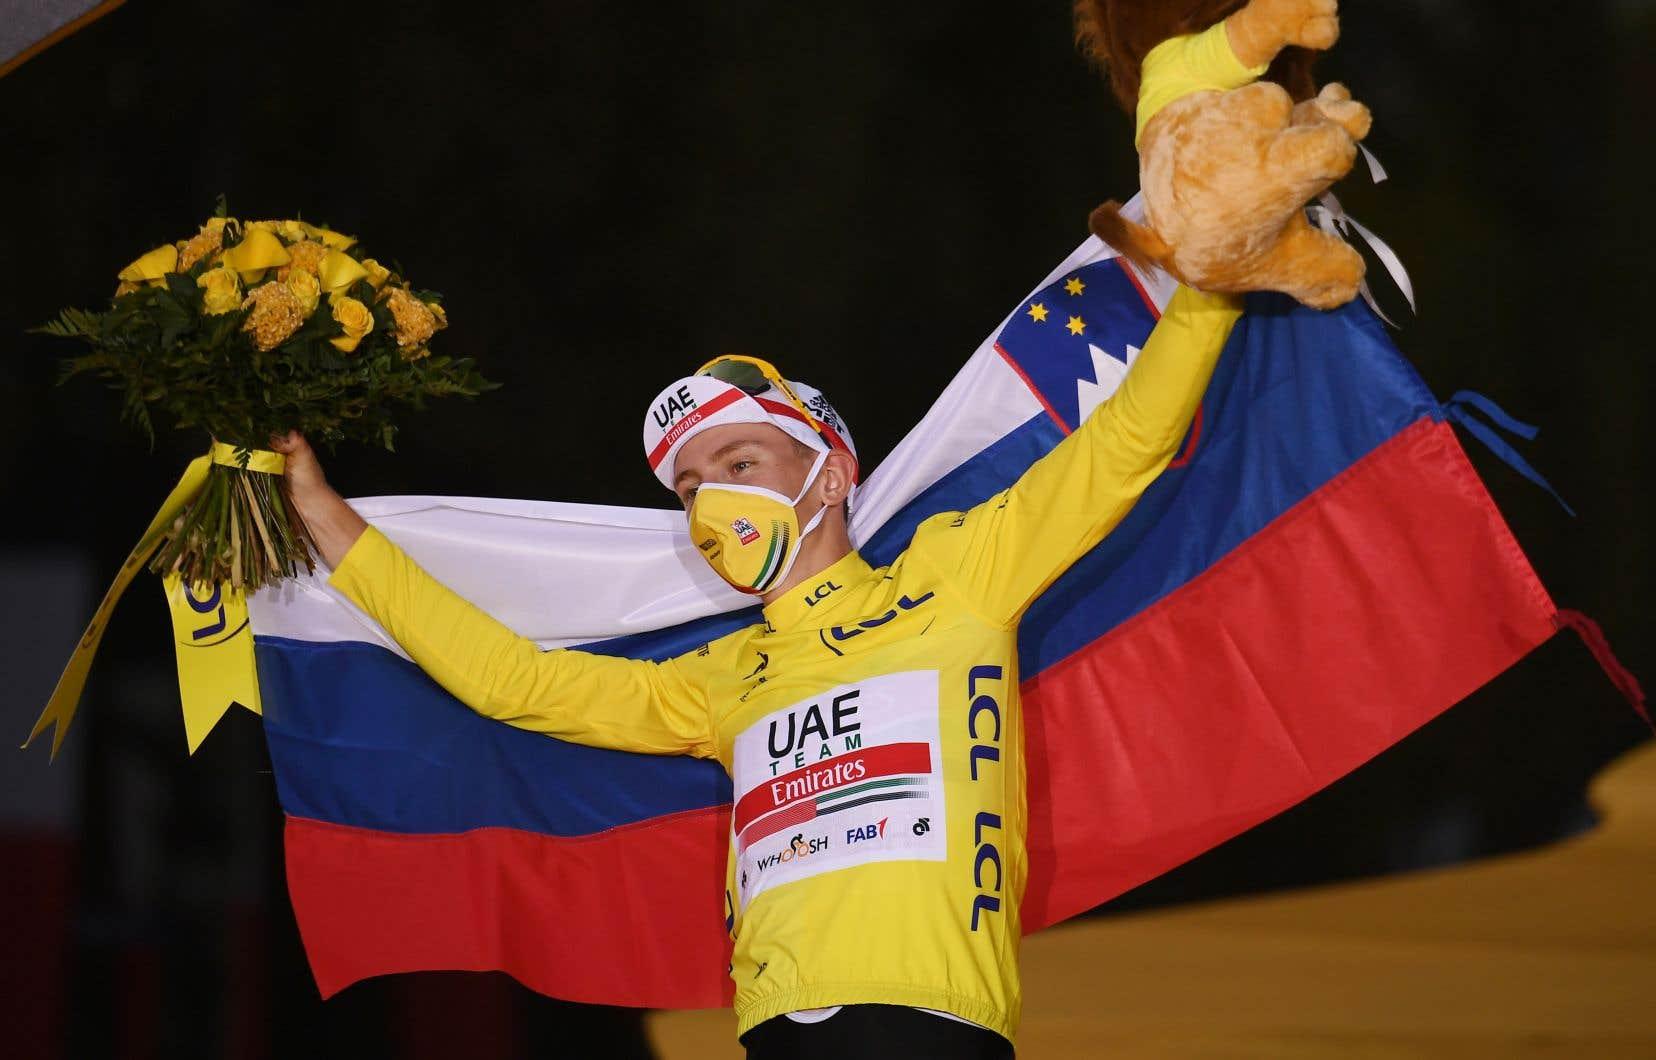 Le vainqueur sortant du Tour a prévu de participer à la prochaine édition de la compétition de cyclisme.